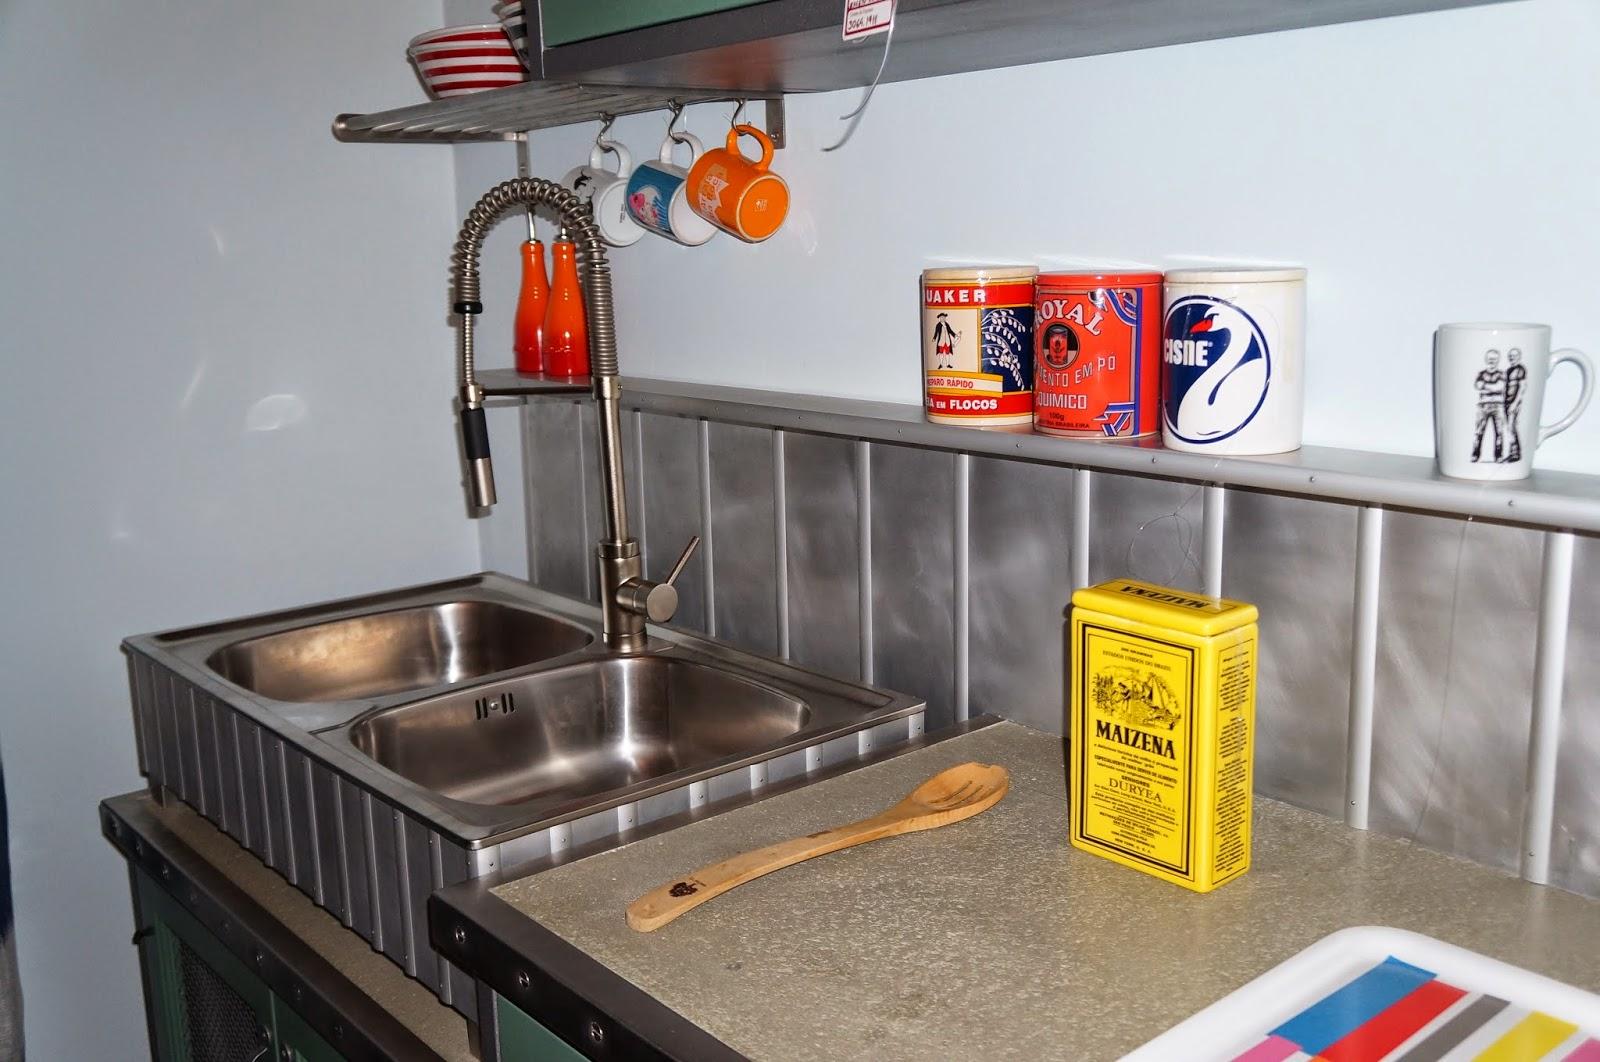 bancada para preparar alimentos  - Casa Cor SP 2014